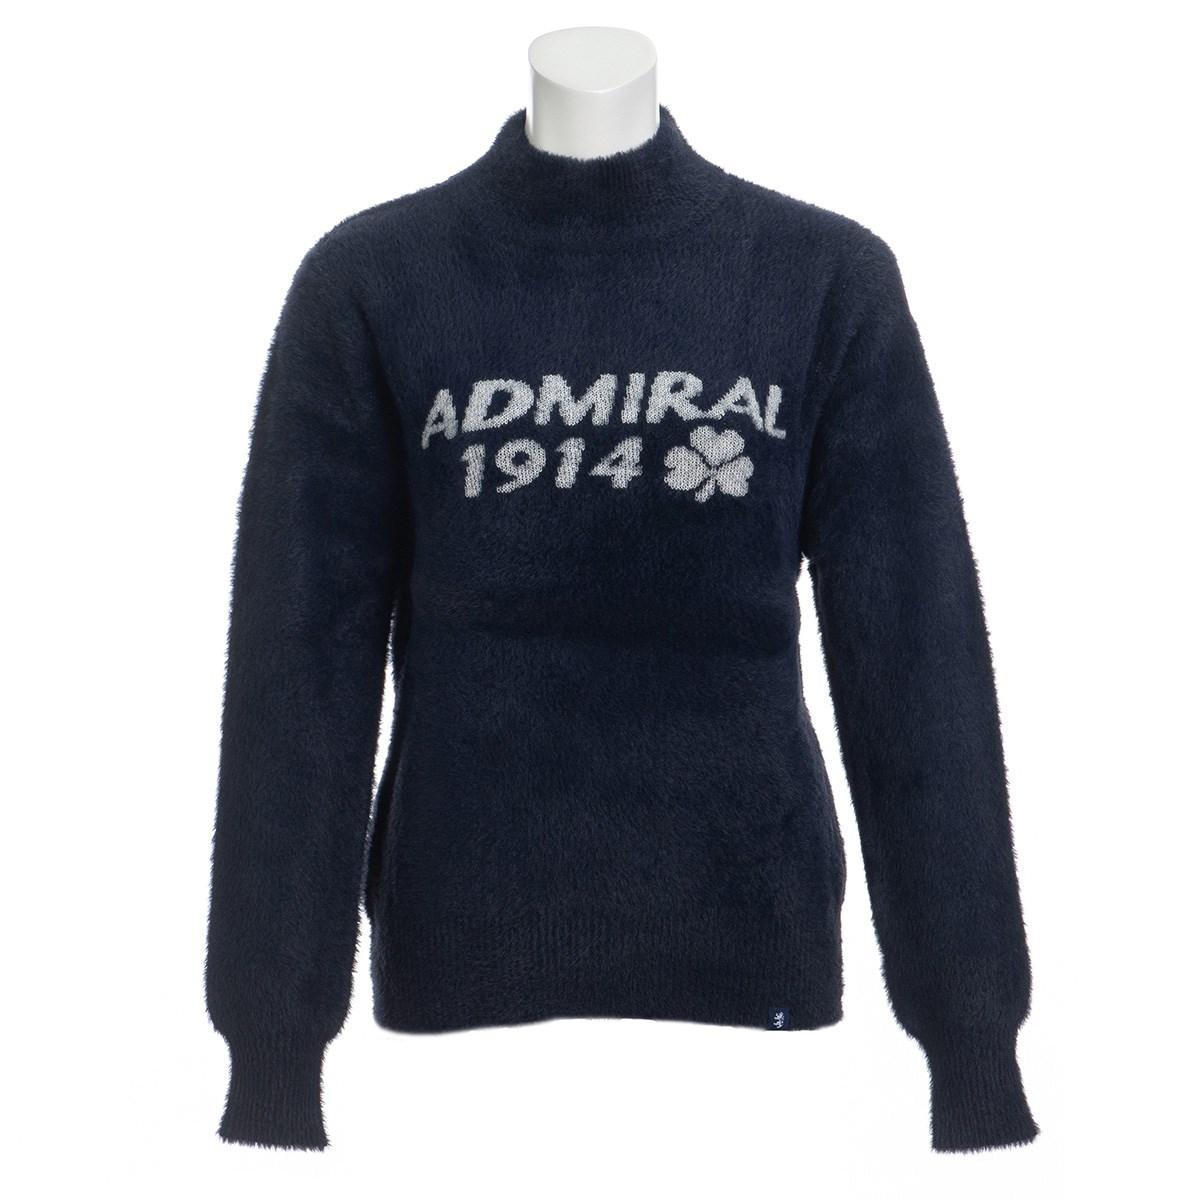 アドミラル Admiral ロゴモール ハイネックセーター M ネイビー 30 レディス